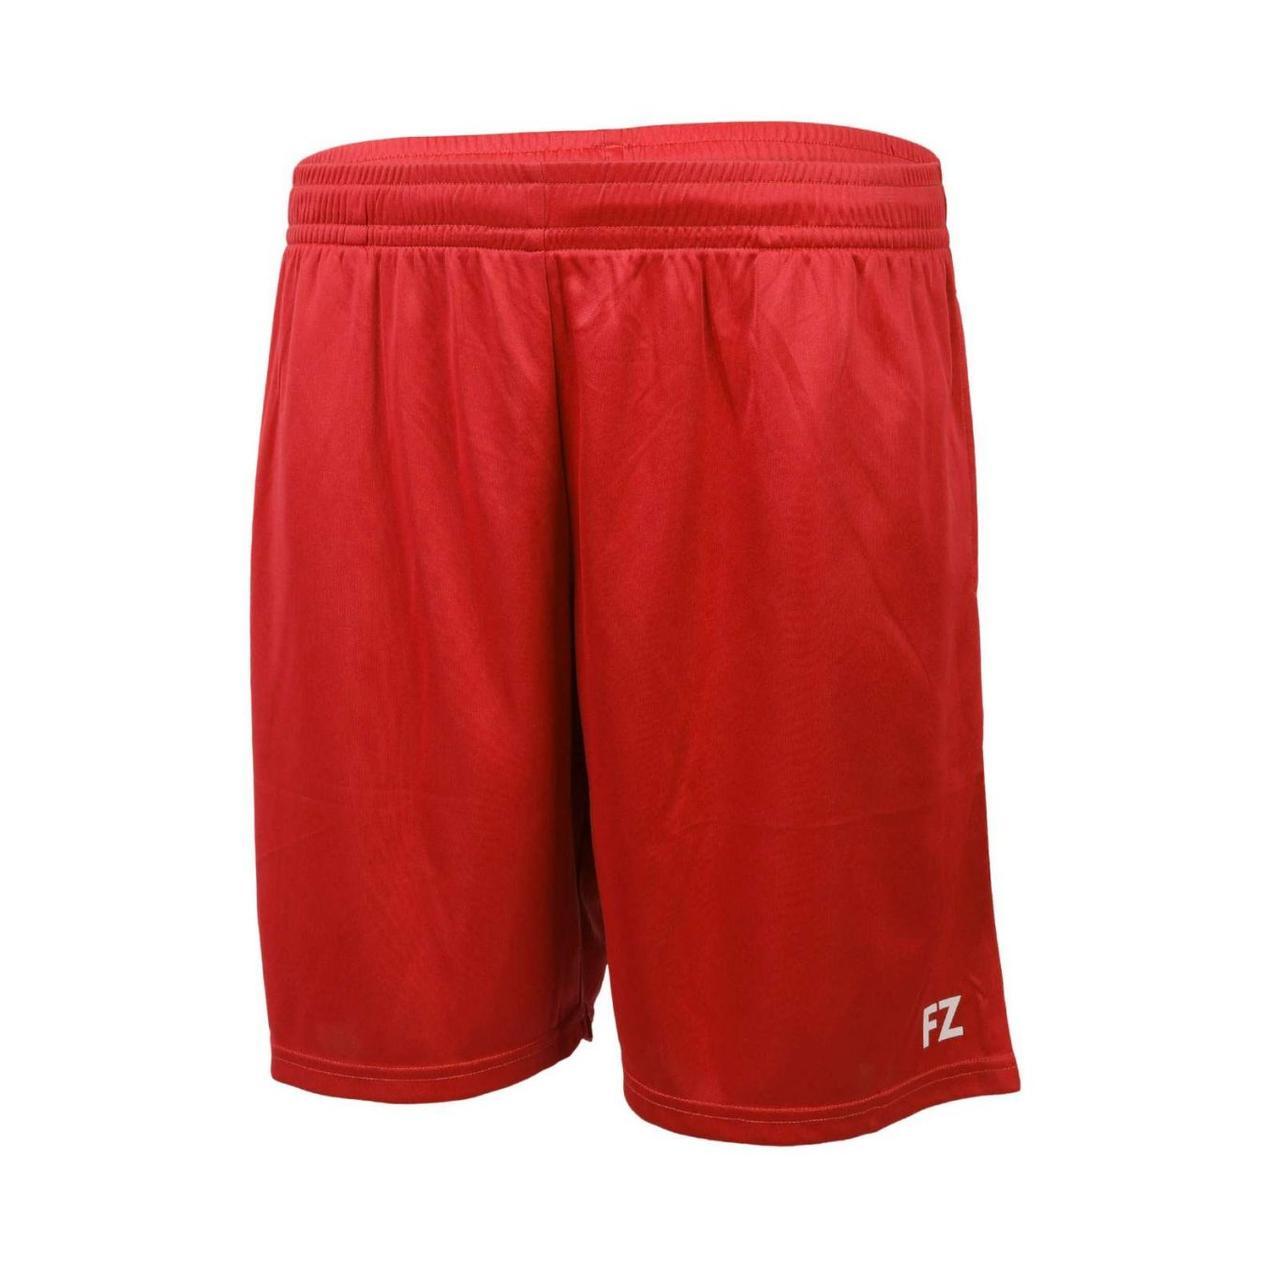 Шорты FZ FORZA Landers Shorts Chinese Red